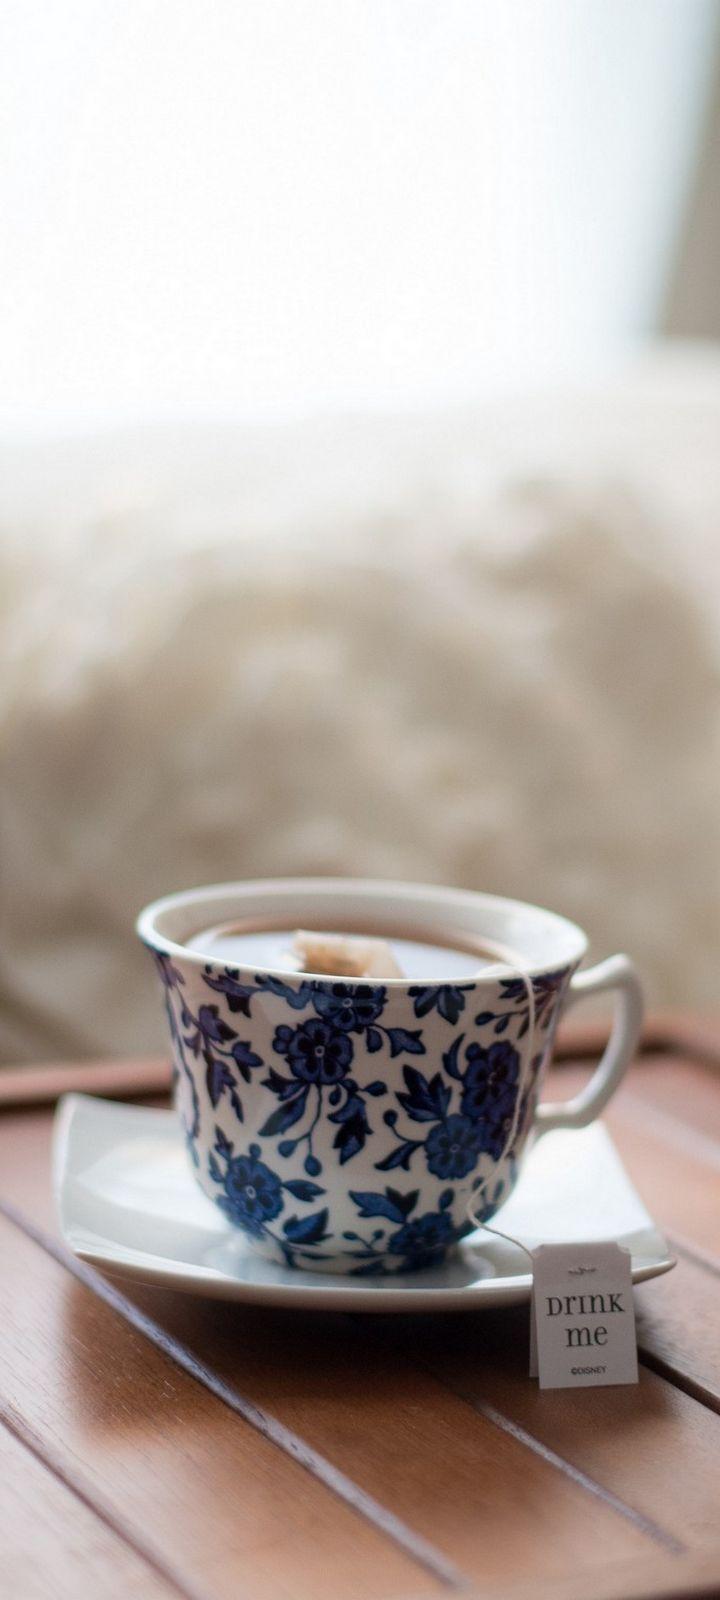 Cup Tea Drink Wallpaper 720x1600